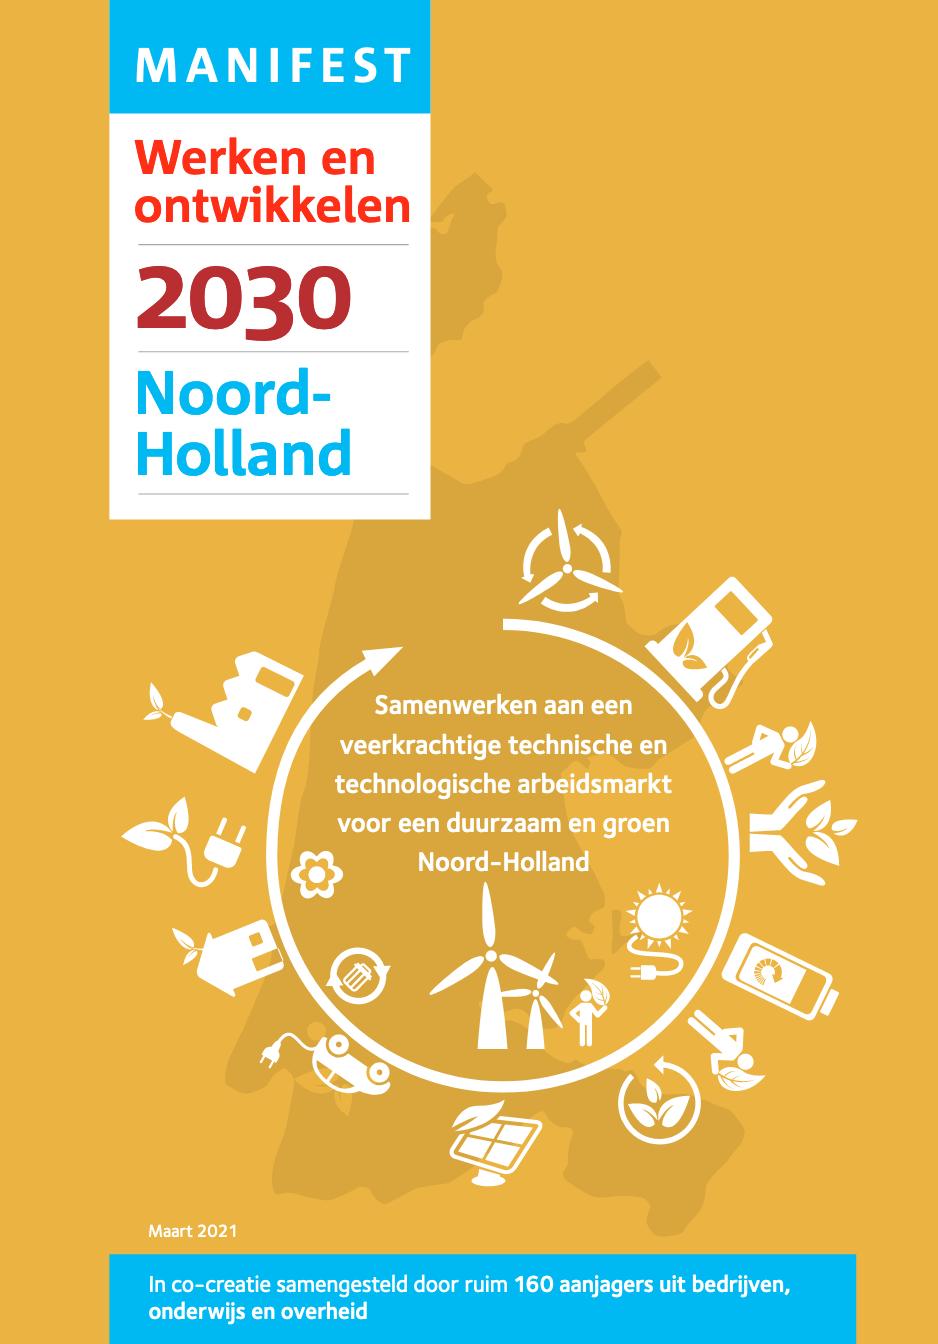 Manifest Werken & Ontwikkelen 2030  provincie Noord-Holland